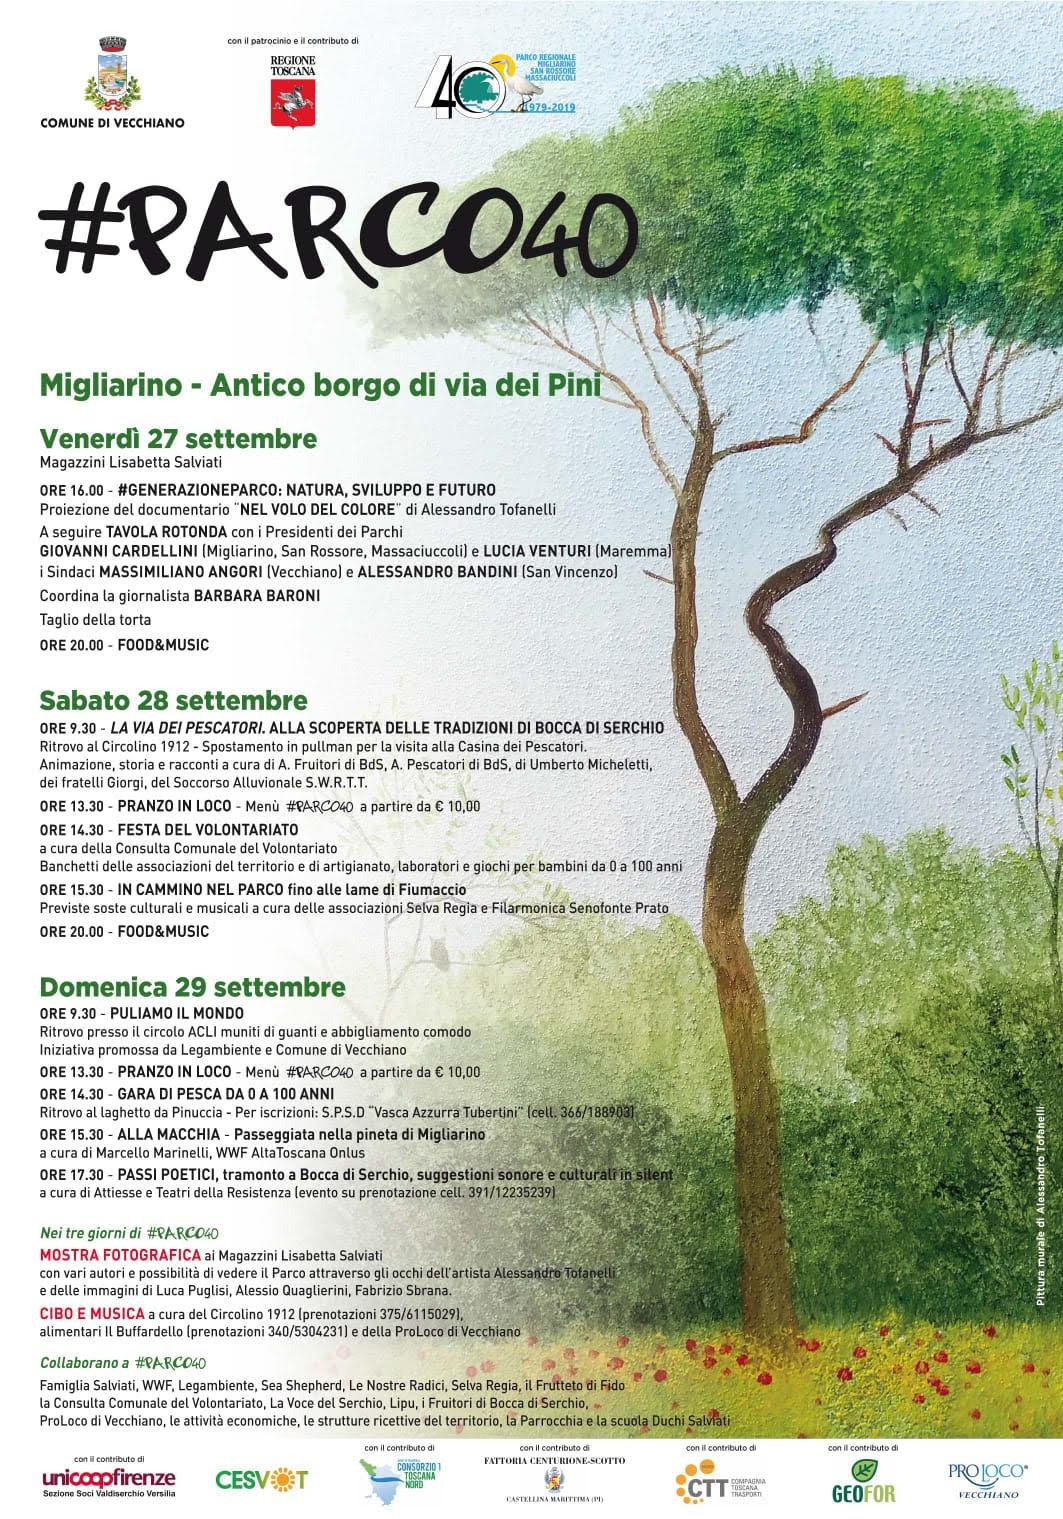 #Parco40 – Migliarino Feast in the Park | Vecchiano